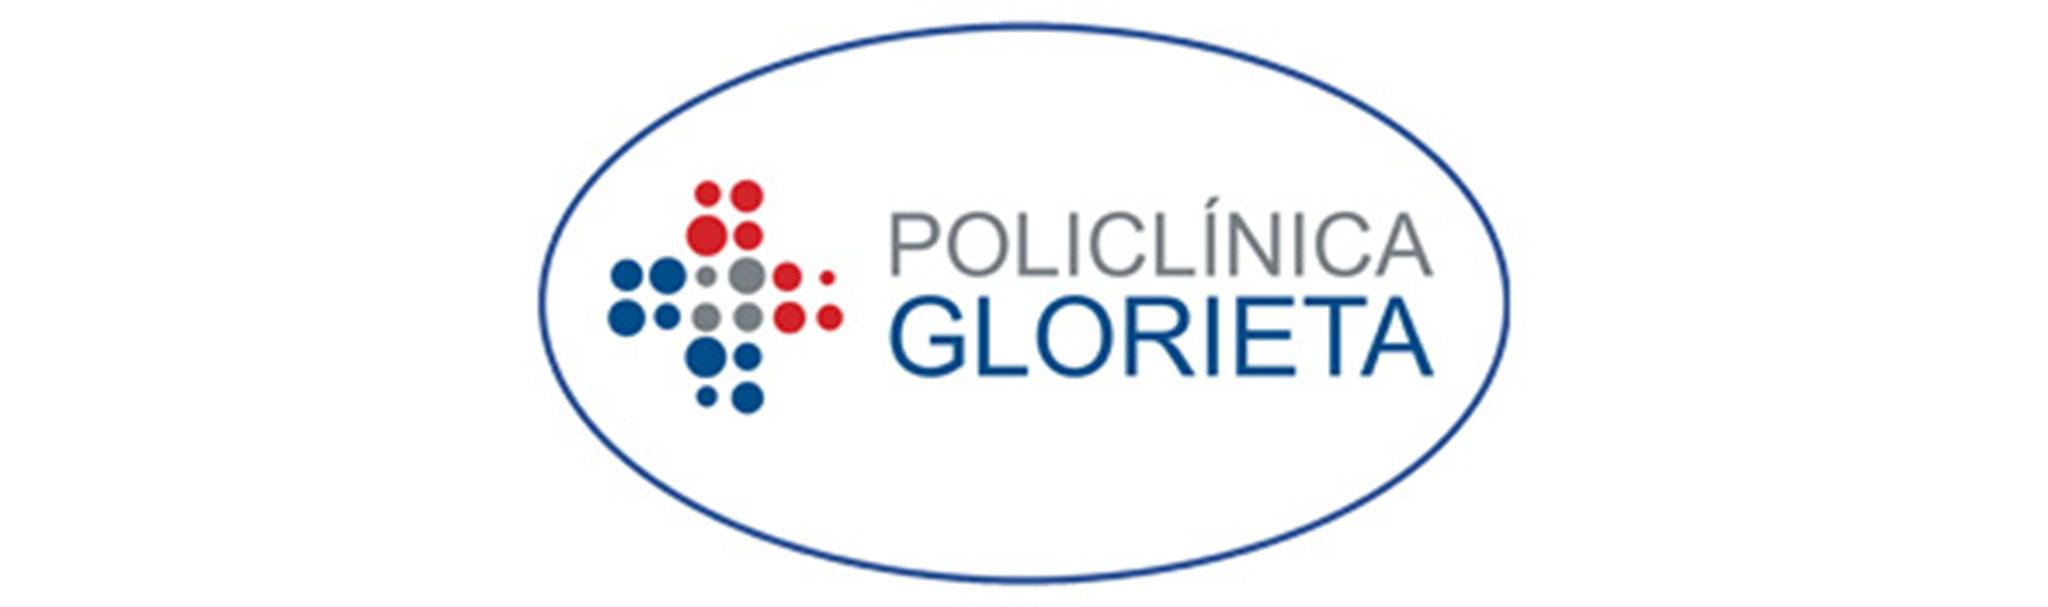 Logotipo de Policlínica Glorieta